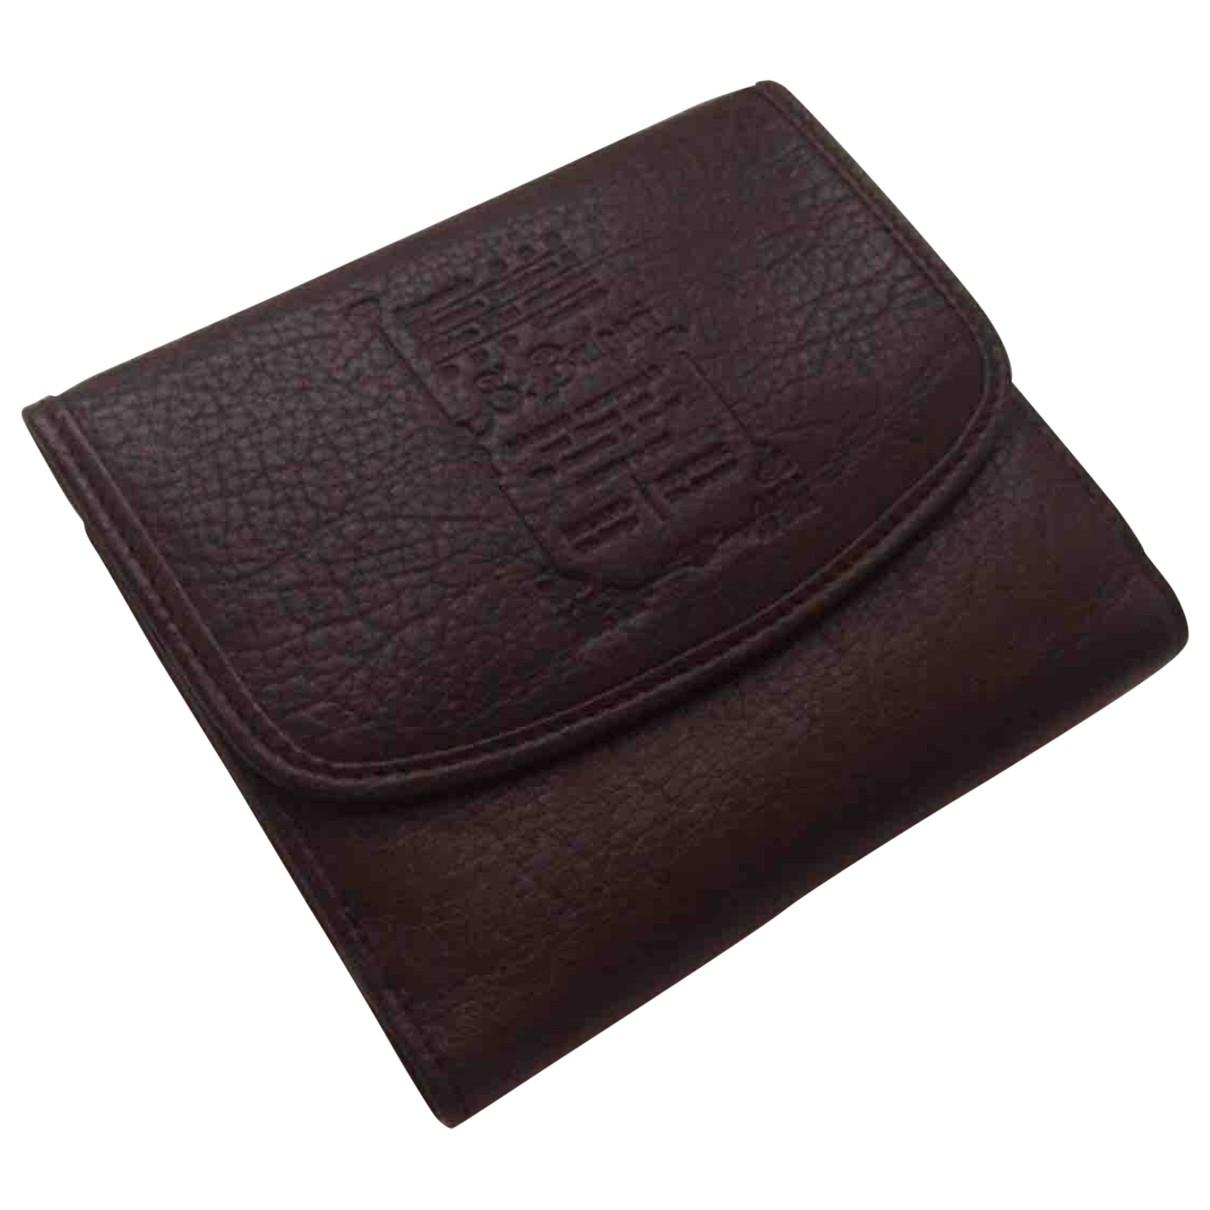 Bvlgari \N Brown Leather wallet for Women \N